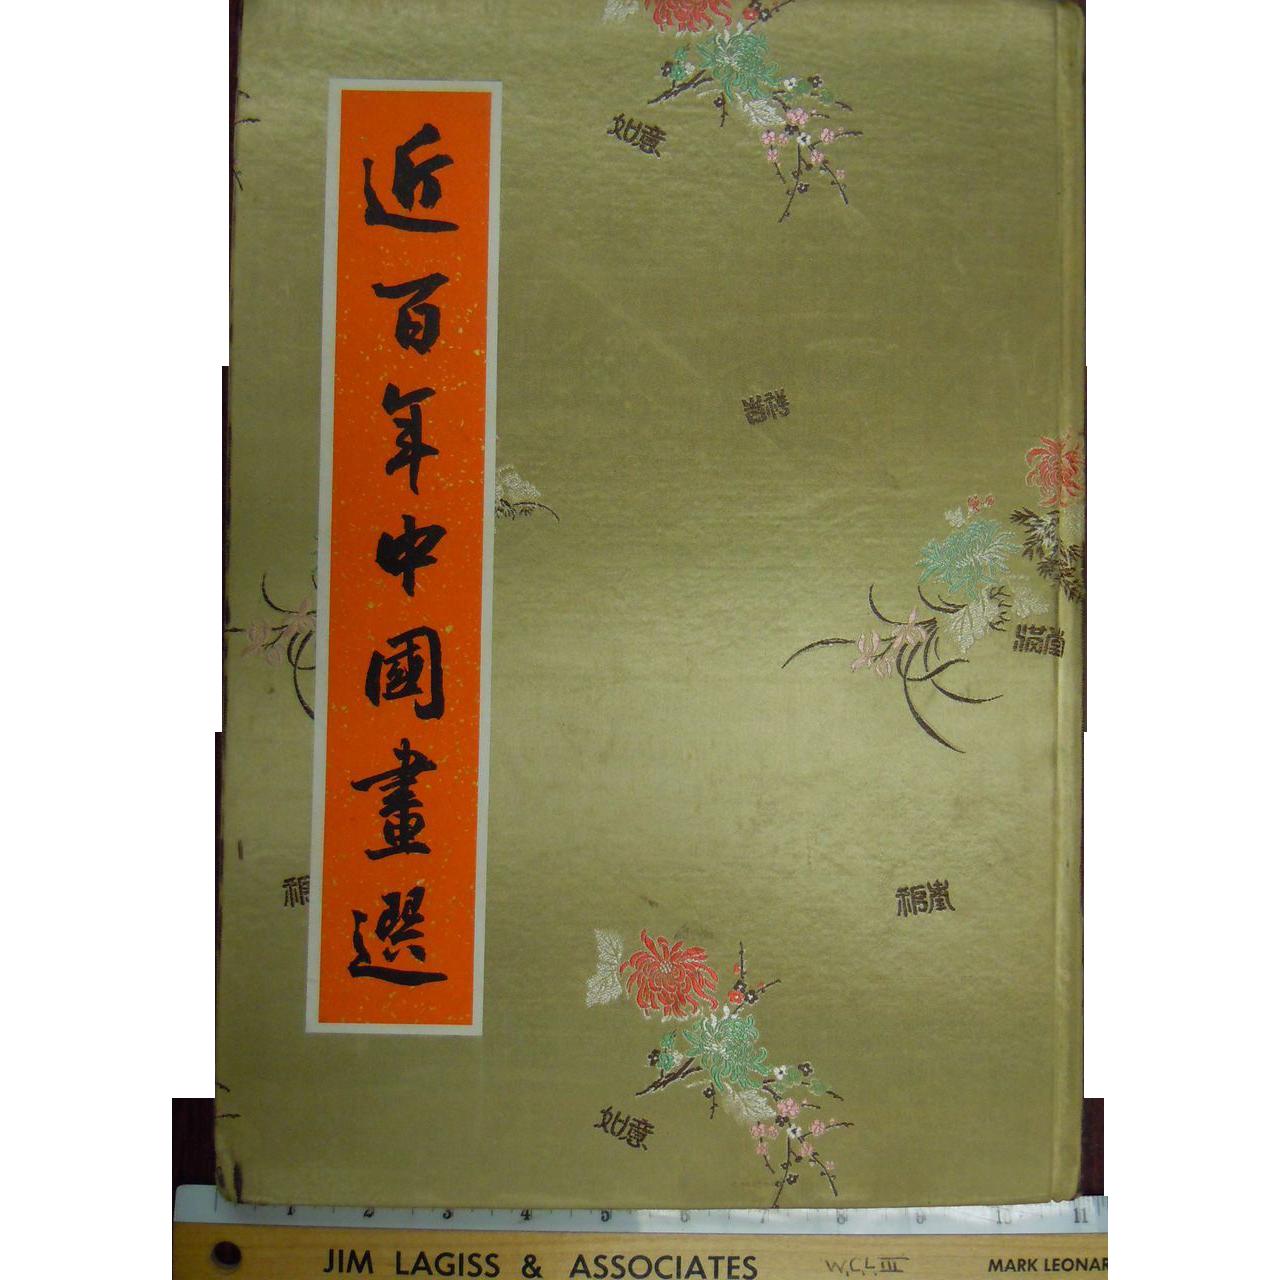 One Hundred Years of Chinese Painting. Jin Bai Nian Zhong Guo Hua Xuan, 1961 Hardcover Book